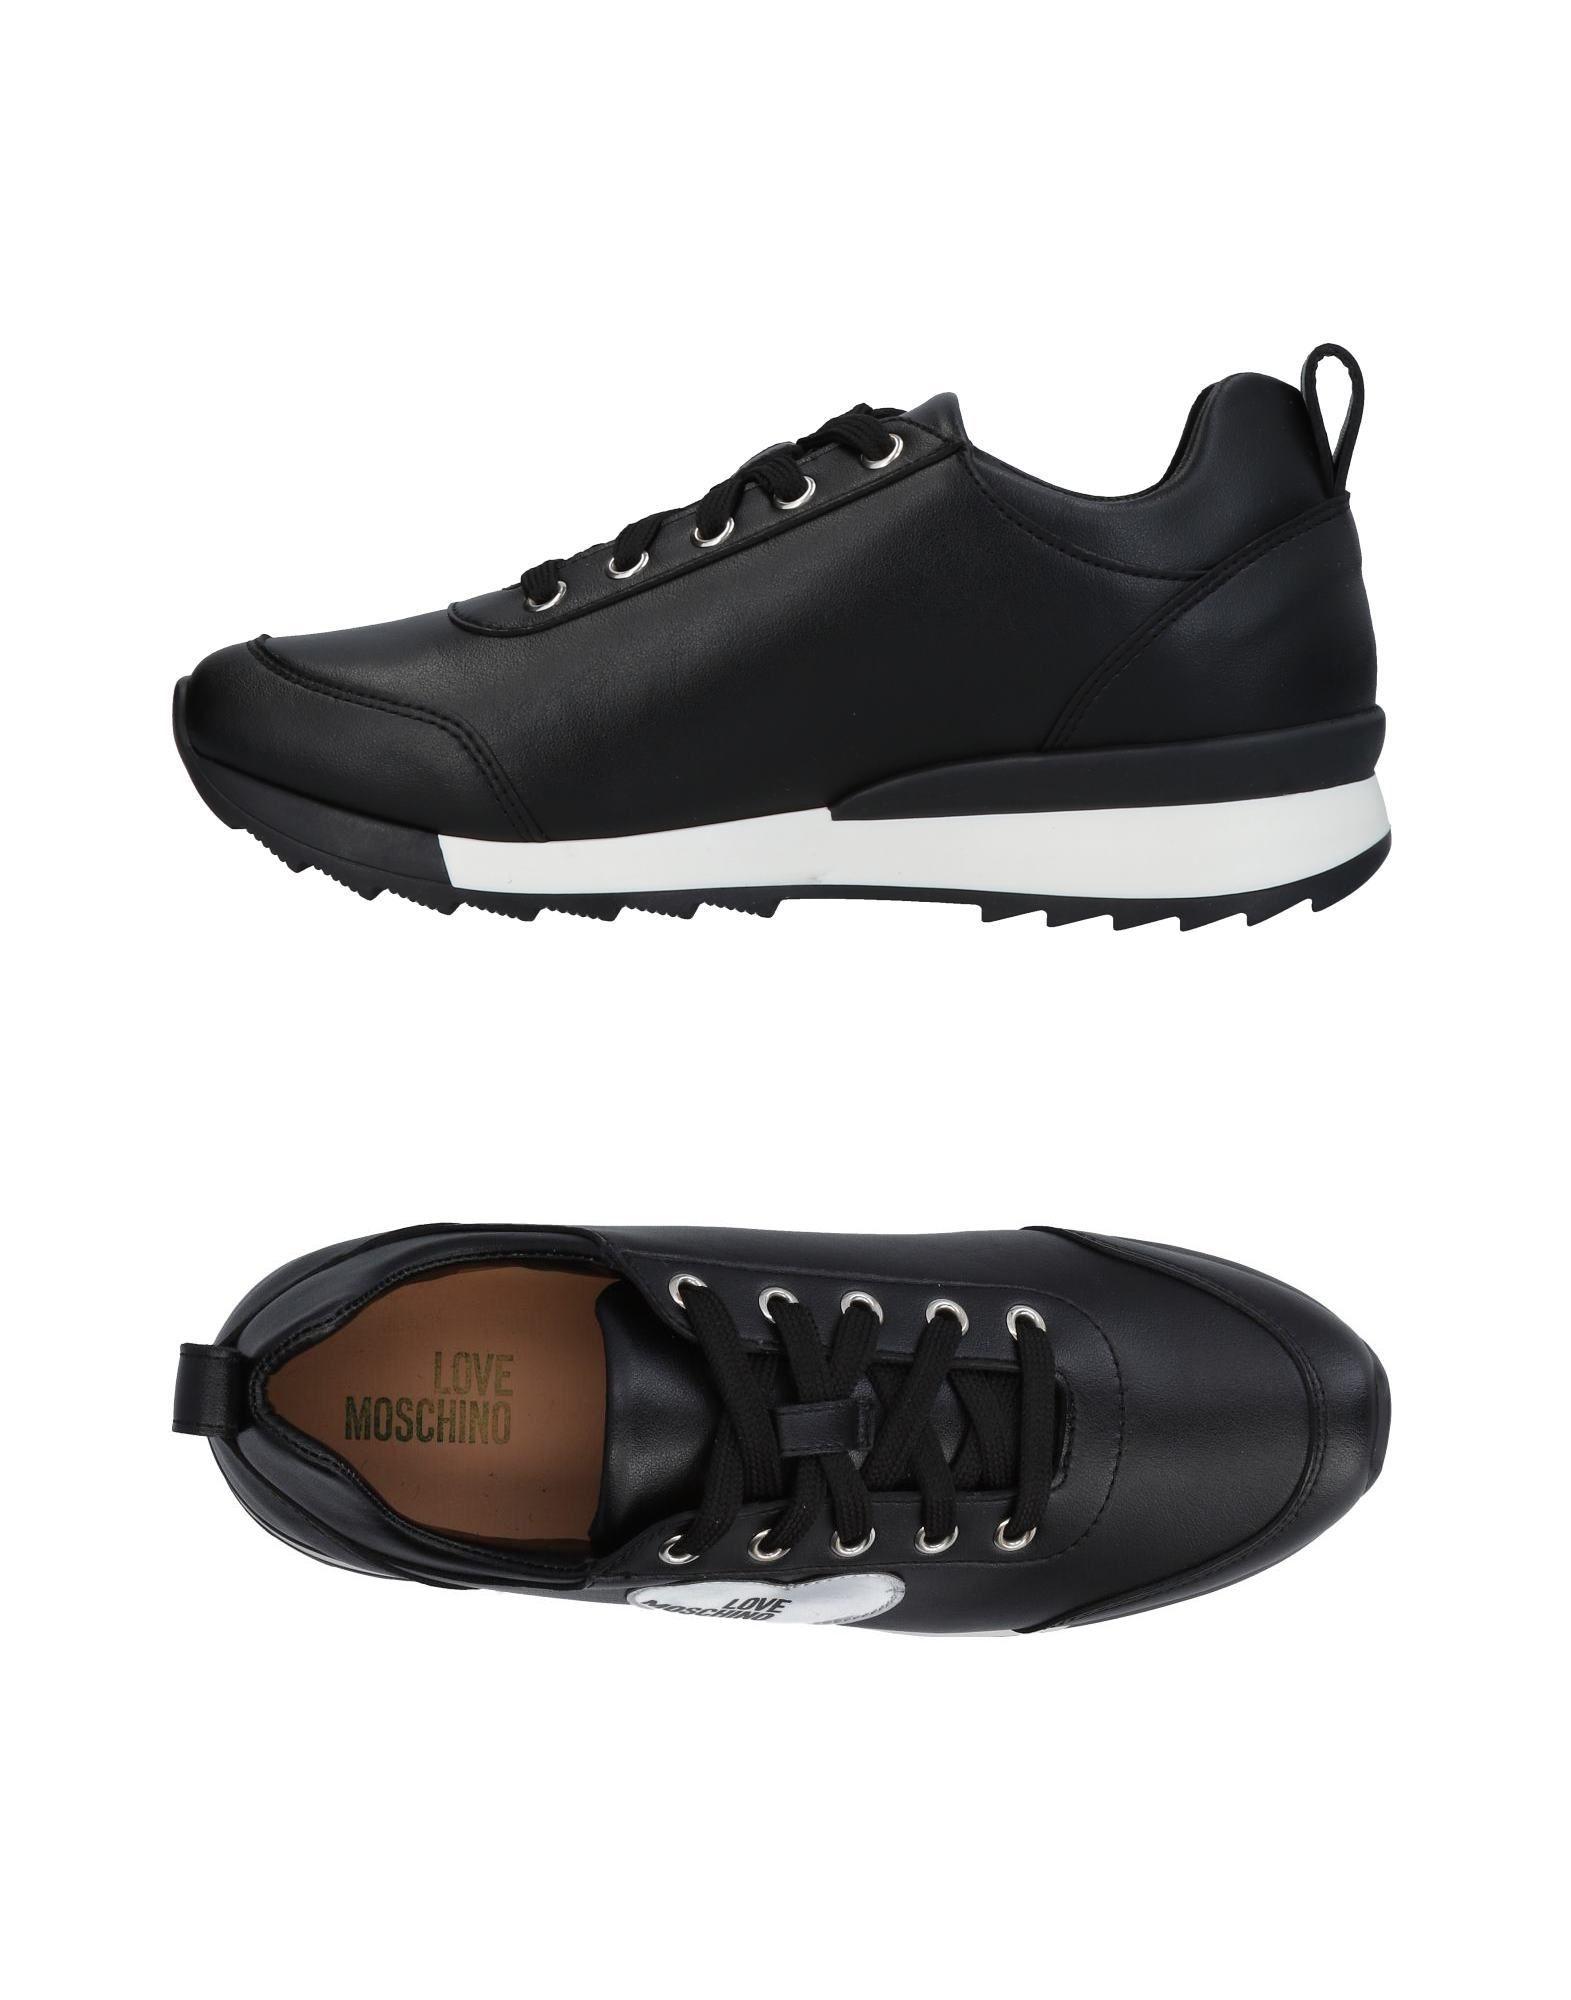 Cómodo y bien parecido Zapatillas Love Mujer Moschino Mujer Love - Zapatillas Love Moschino  Negro b98eba